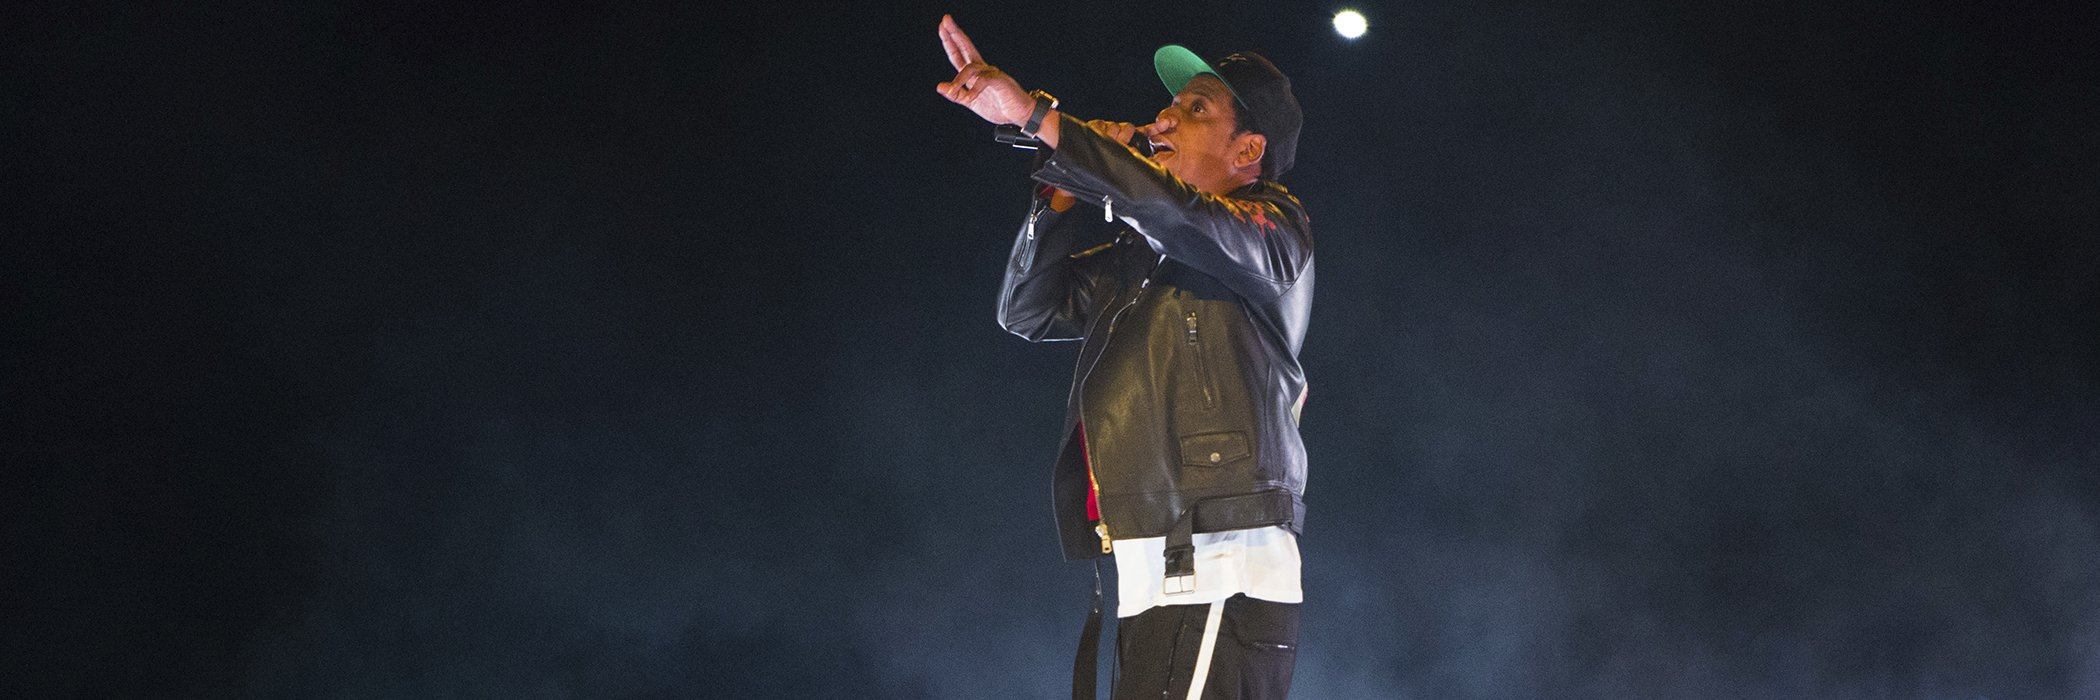 Jay-Z-Global-Citizen-Mandela-100.jpg